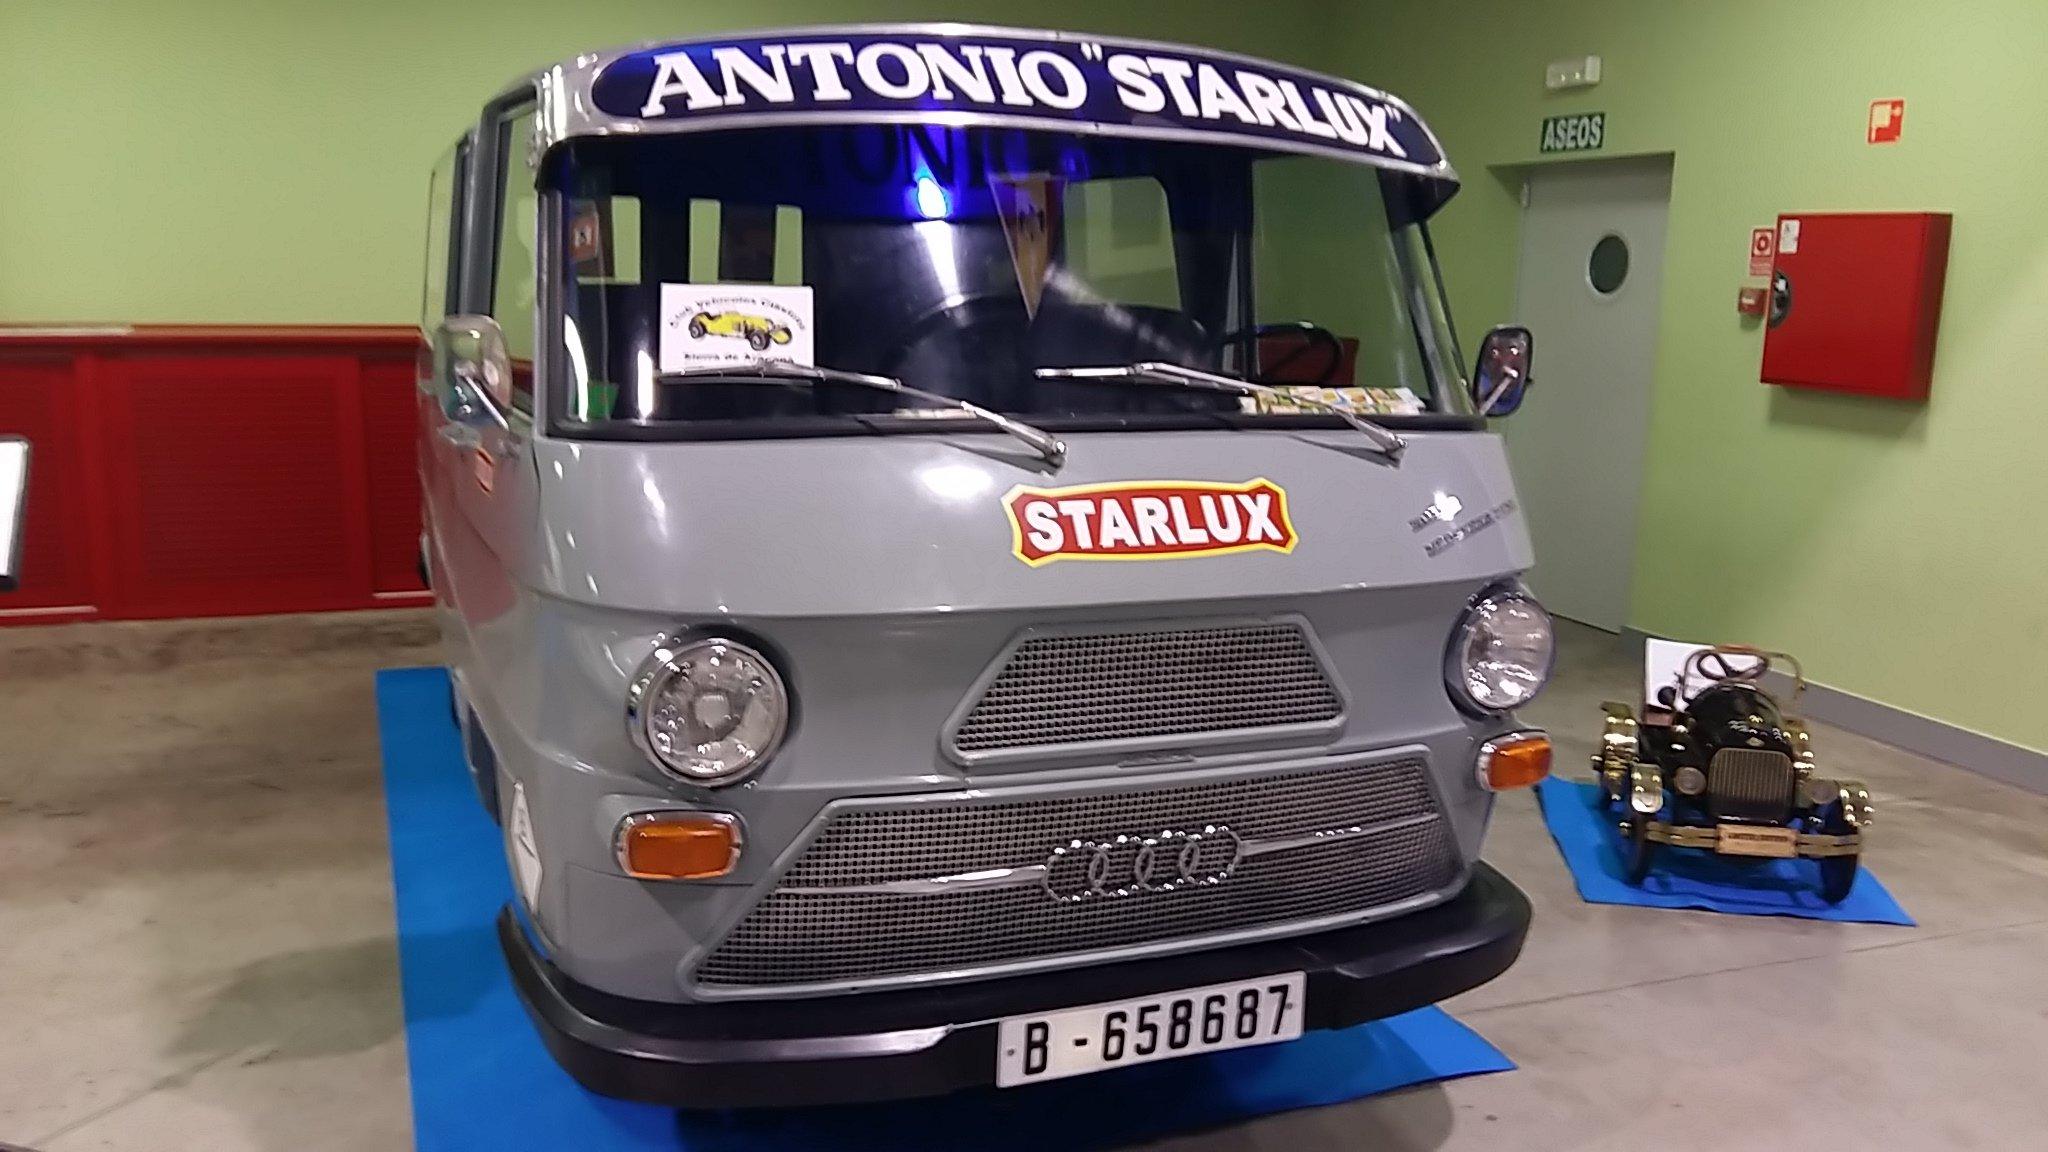 camioneta antonio starlux